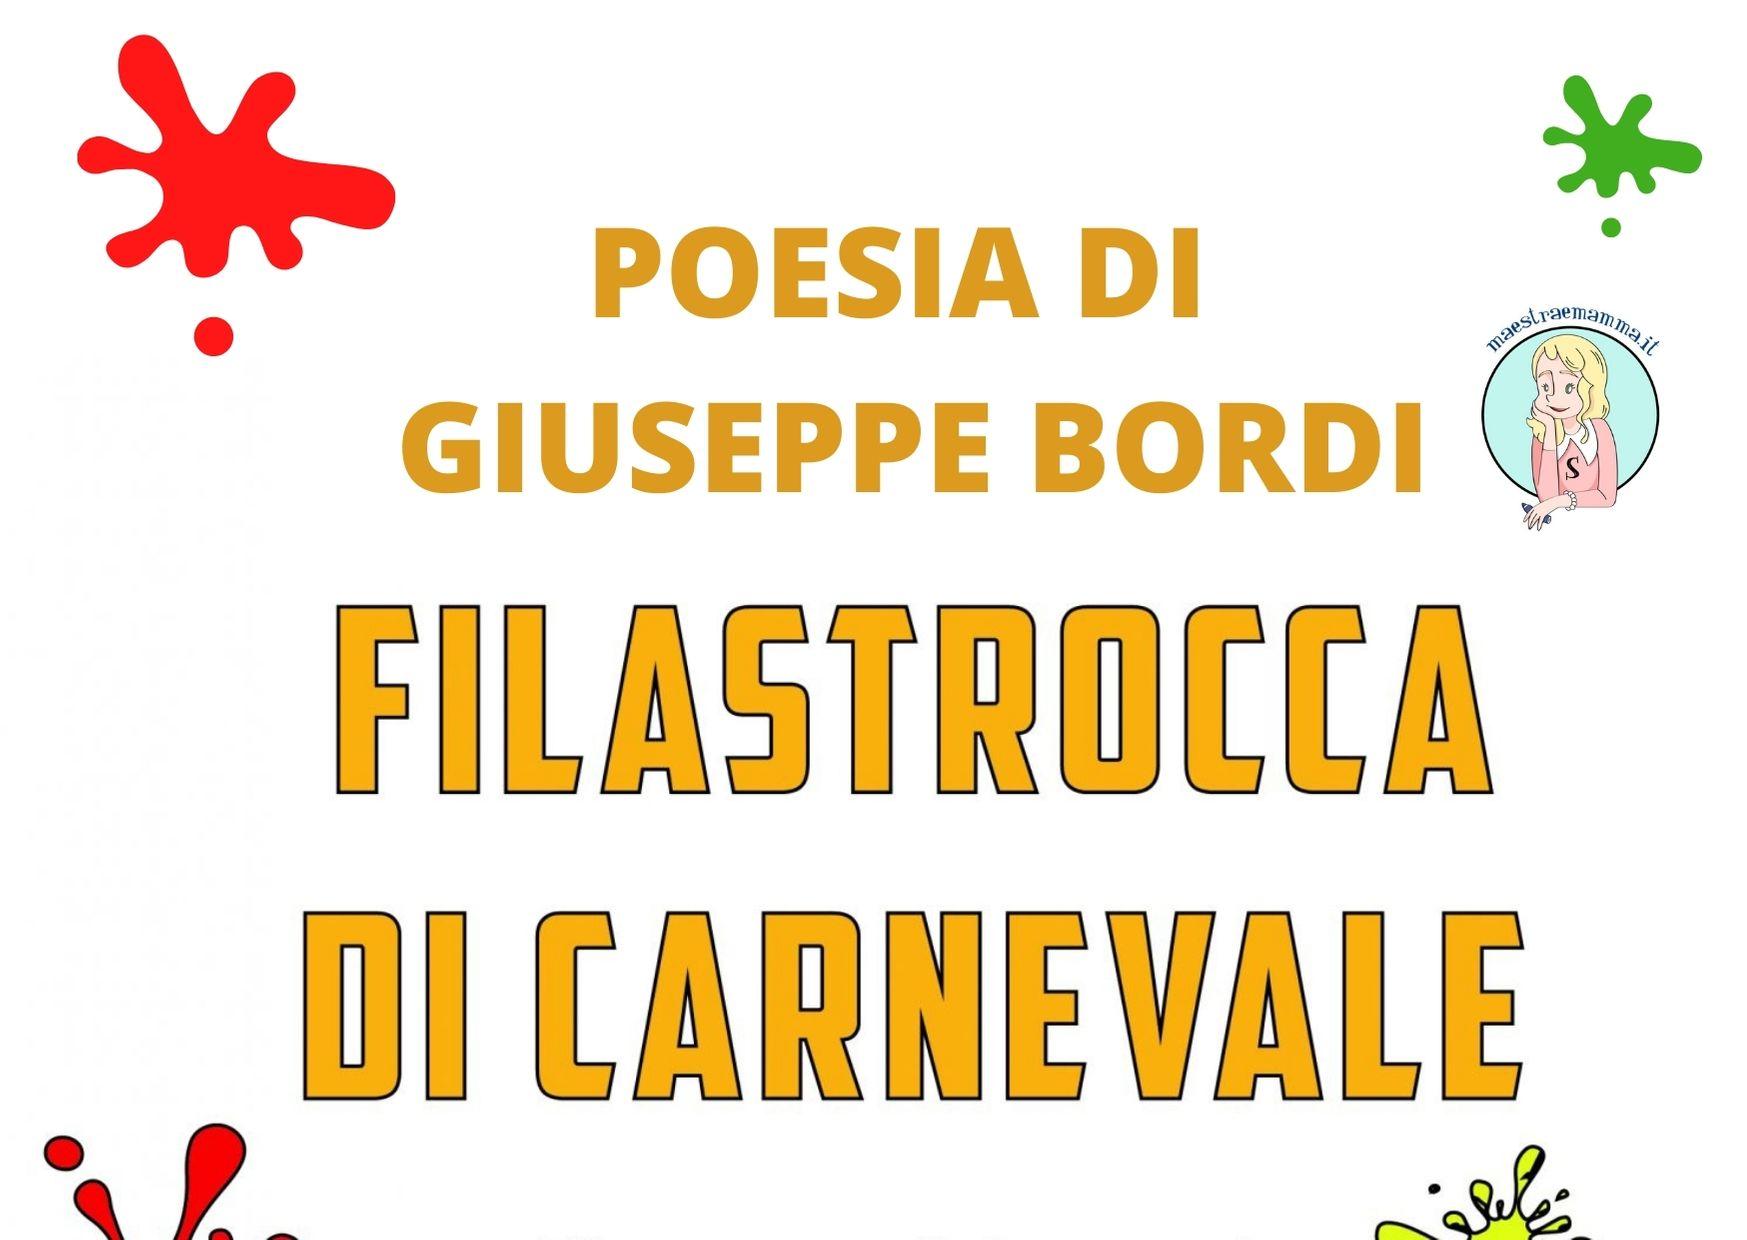 Filastrocca sul Carnevale di Giuseppe Bordi